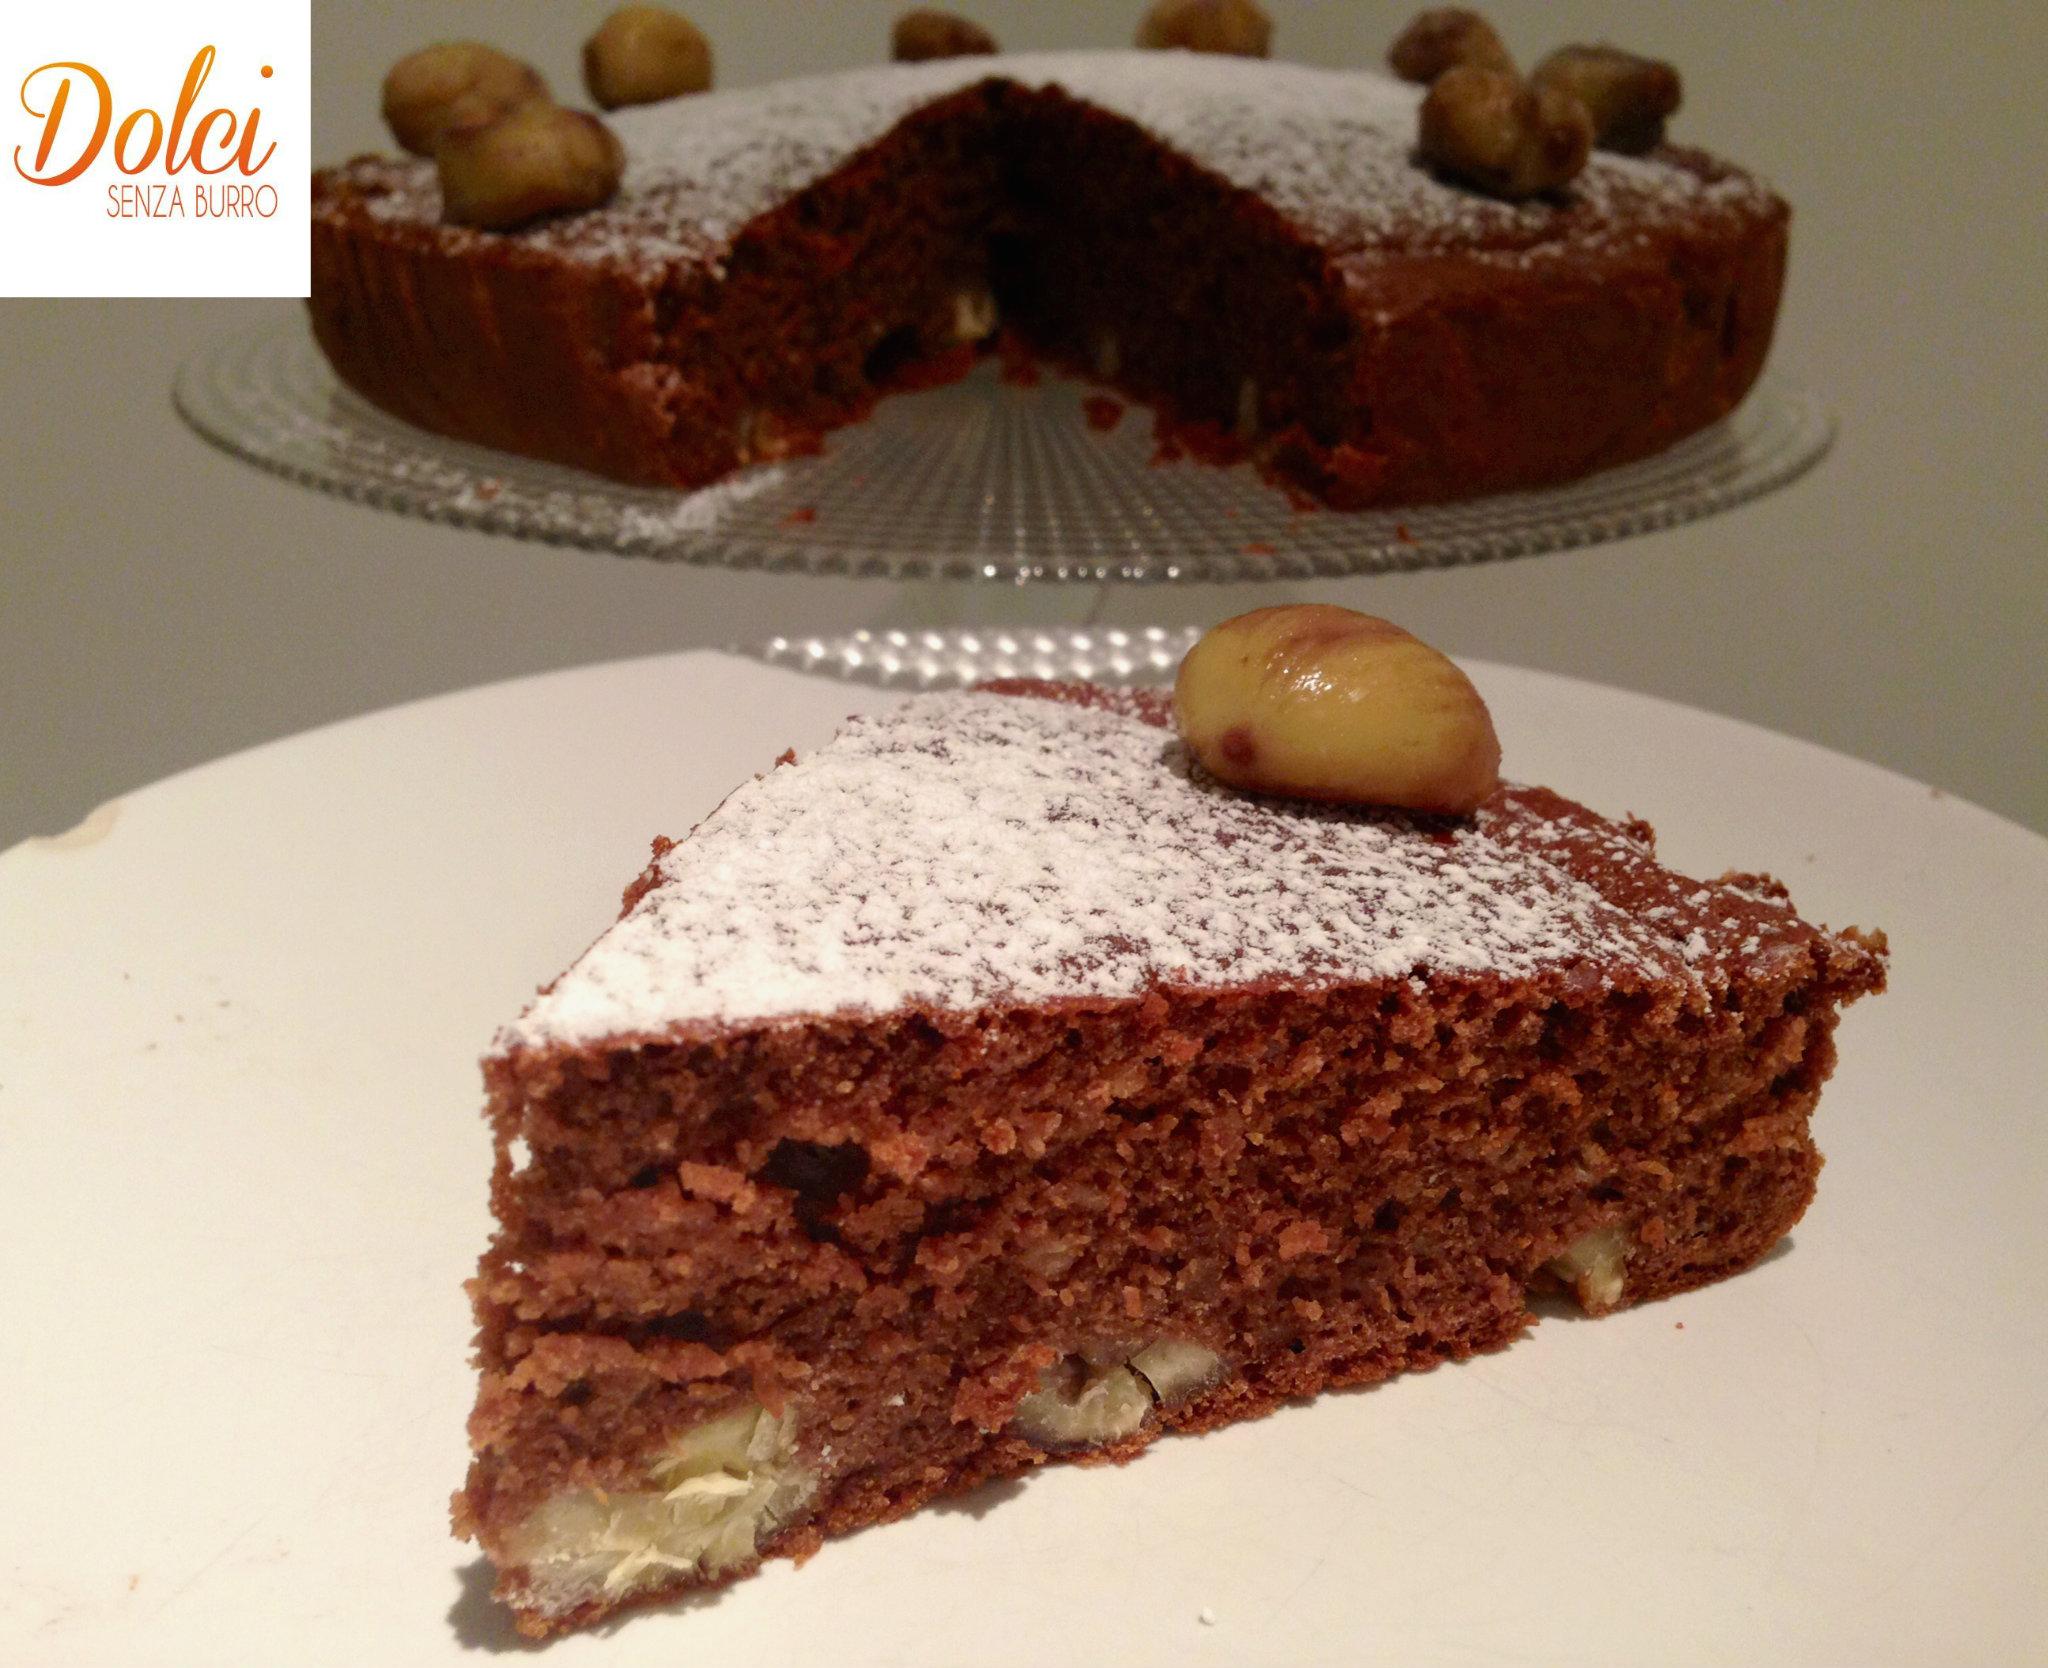 torta di castagne senza burro, il dolce con le castagne goloso di dolci senza burro